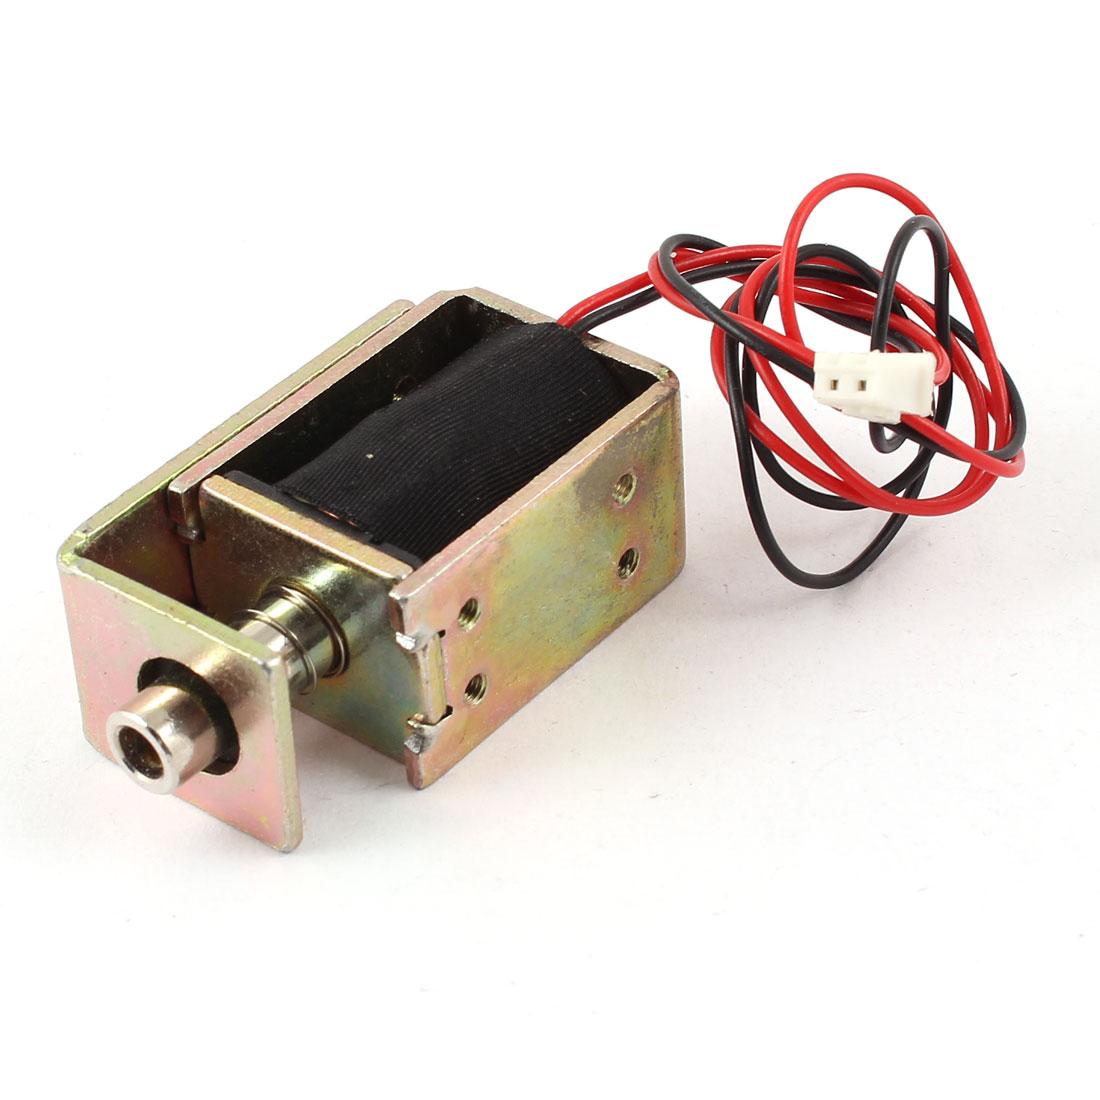 DC 6V 1.8W 0.3A 2mm 200g 4mm 100g Pull Type Open Frame Linear Motion Solenoid Electromagnet Actuator